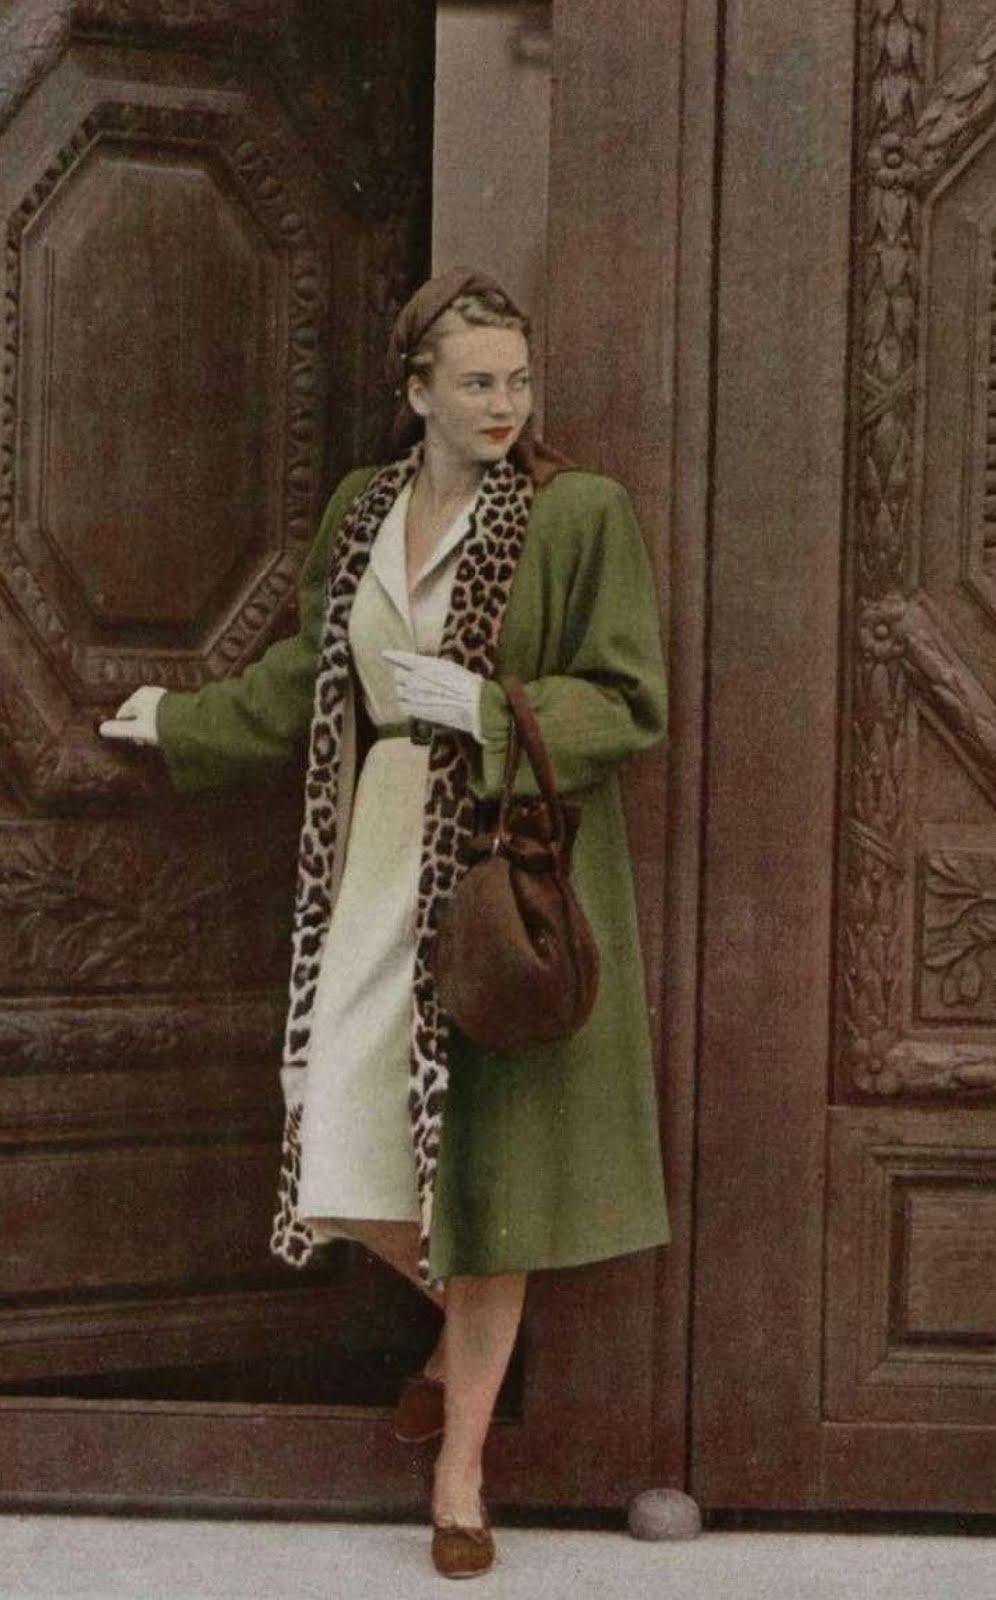 1940s Fashion: 1940's Fashion - Young Woman's Wardrobe Plan